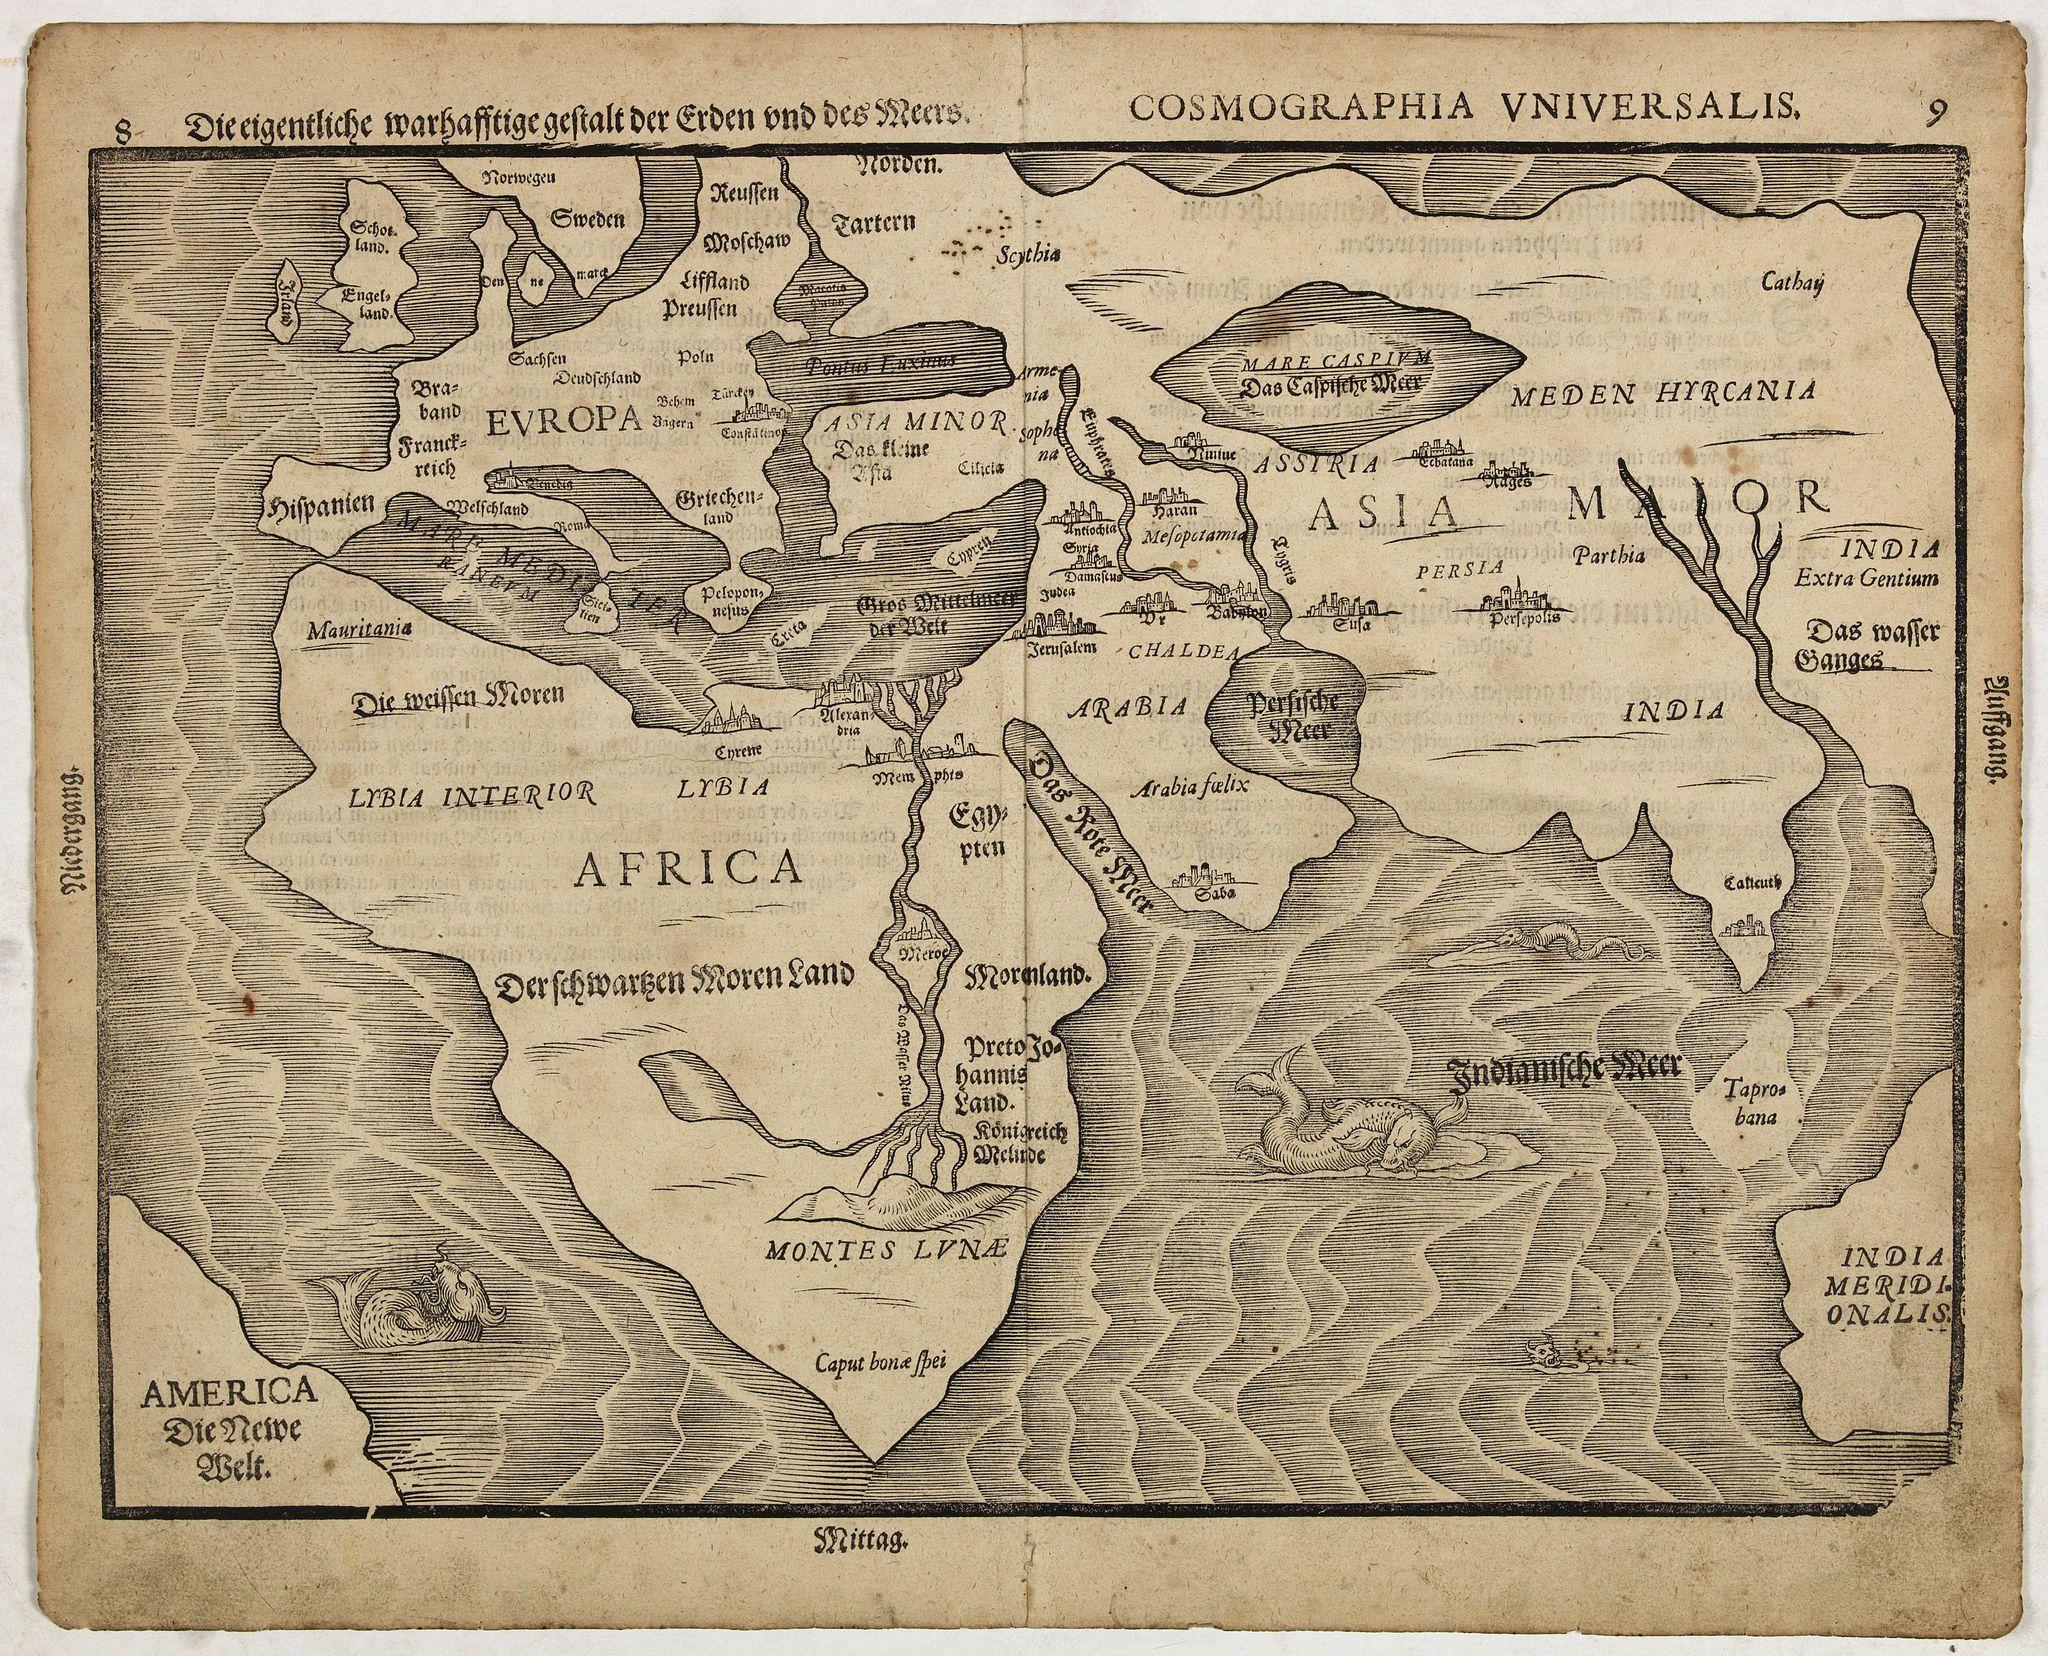 BÜlNTING, H. -  Die eigentliche warhafftige der Erden und des Meers. -  Cosmographia Universalis. . .